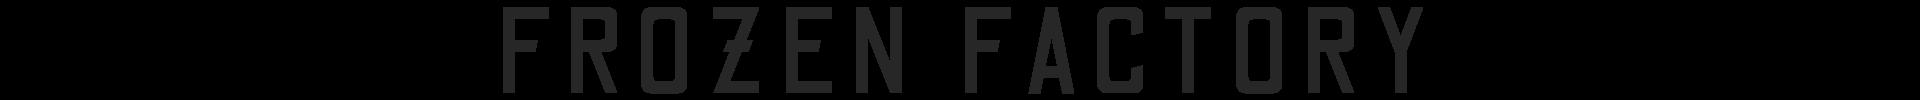 Frozen Factory (logo) - Alternative Rock From Helsinki, Finland